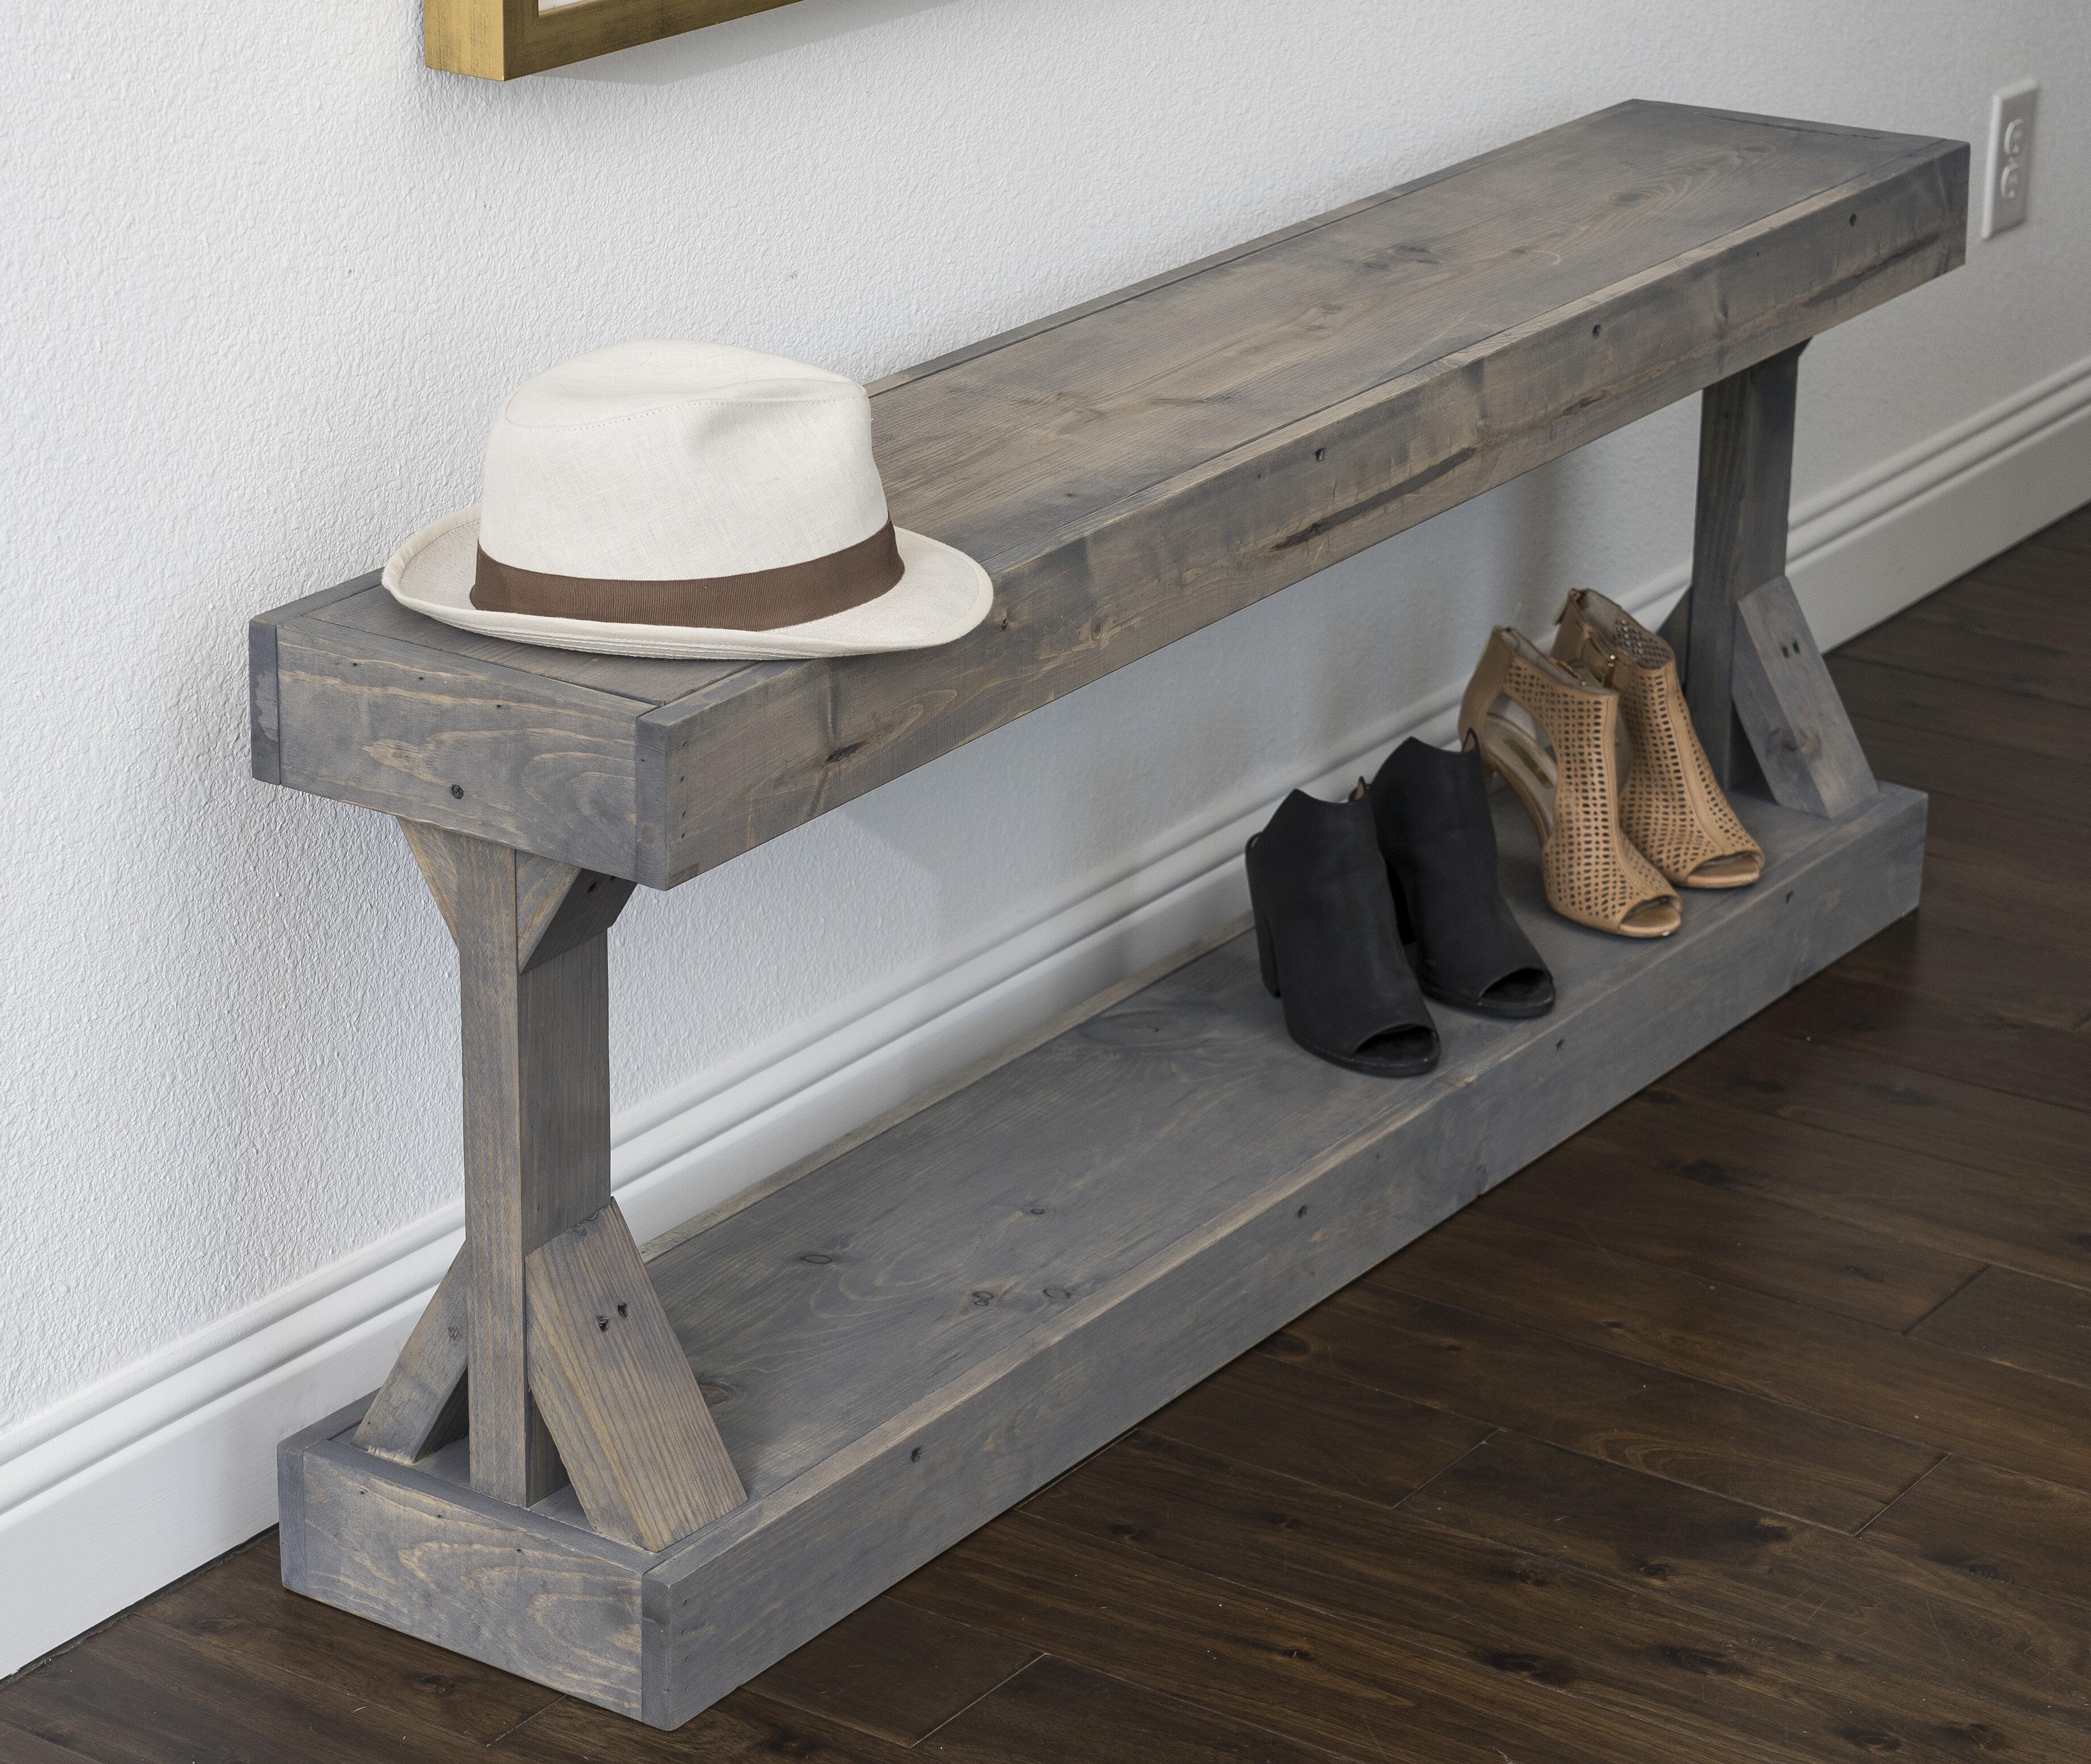 Union Rustic Dexter Wood Shoe Storage Bench & Reviews | Wayfair